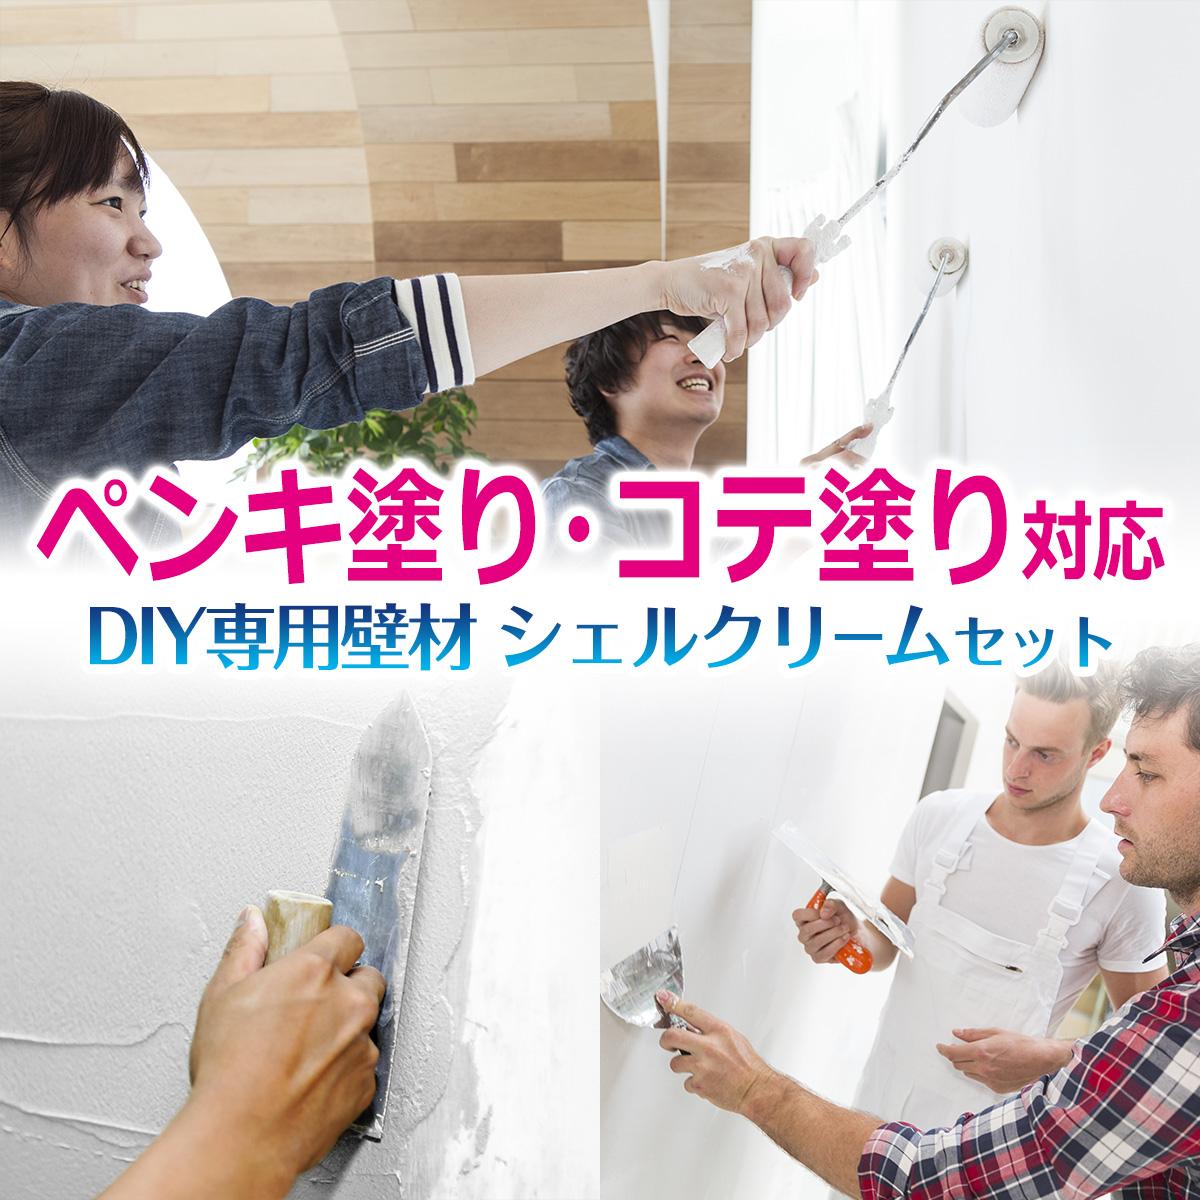 ペンキ塗り・コテ塗り対応 DIY専用壁材 シェルクリームセット